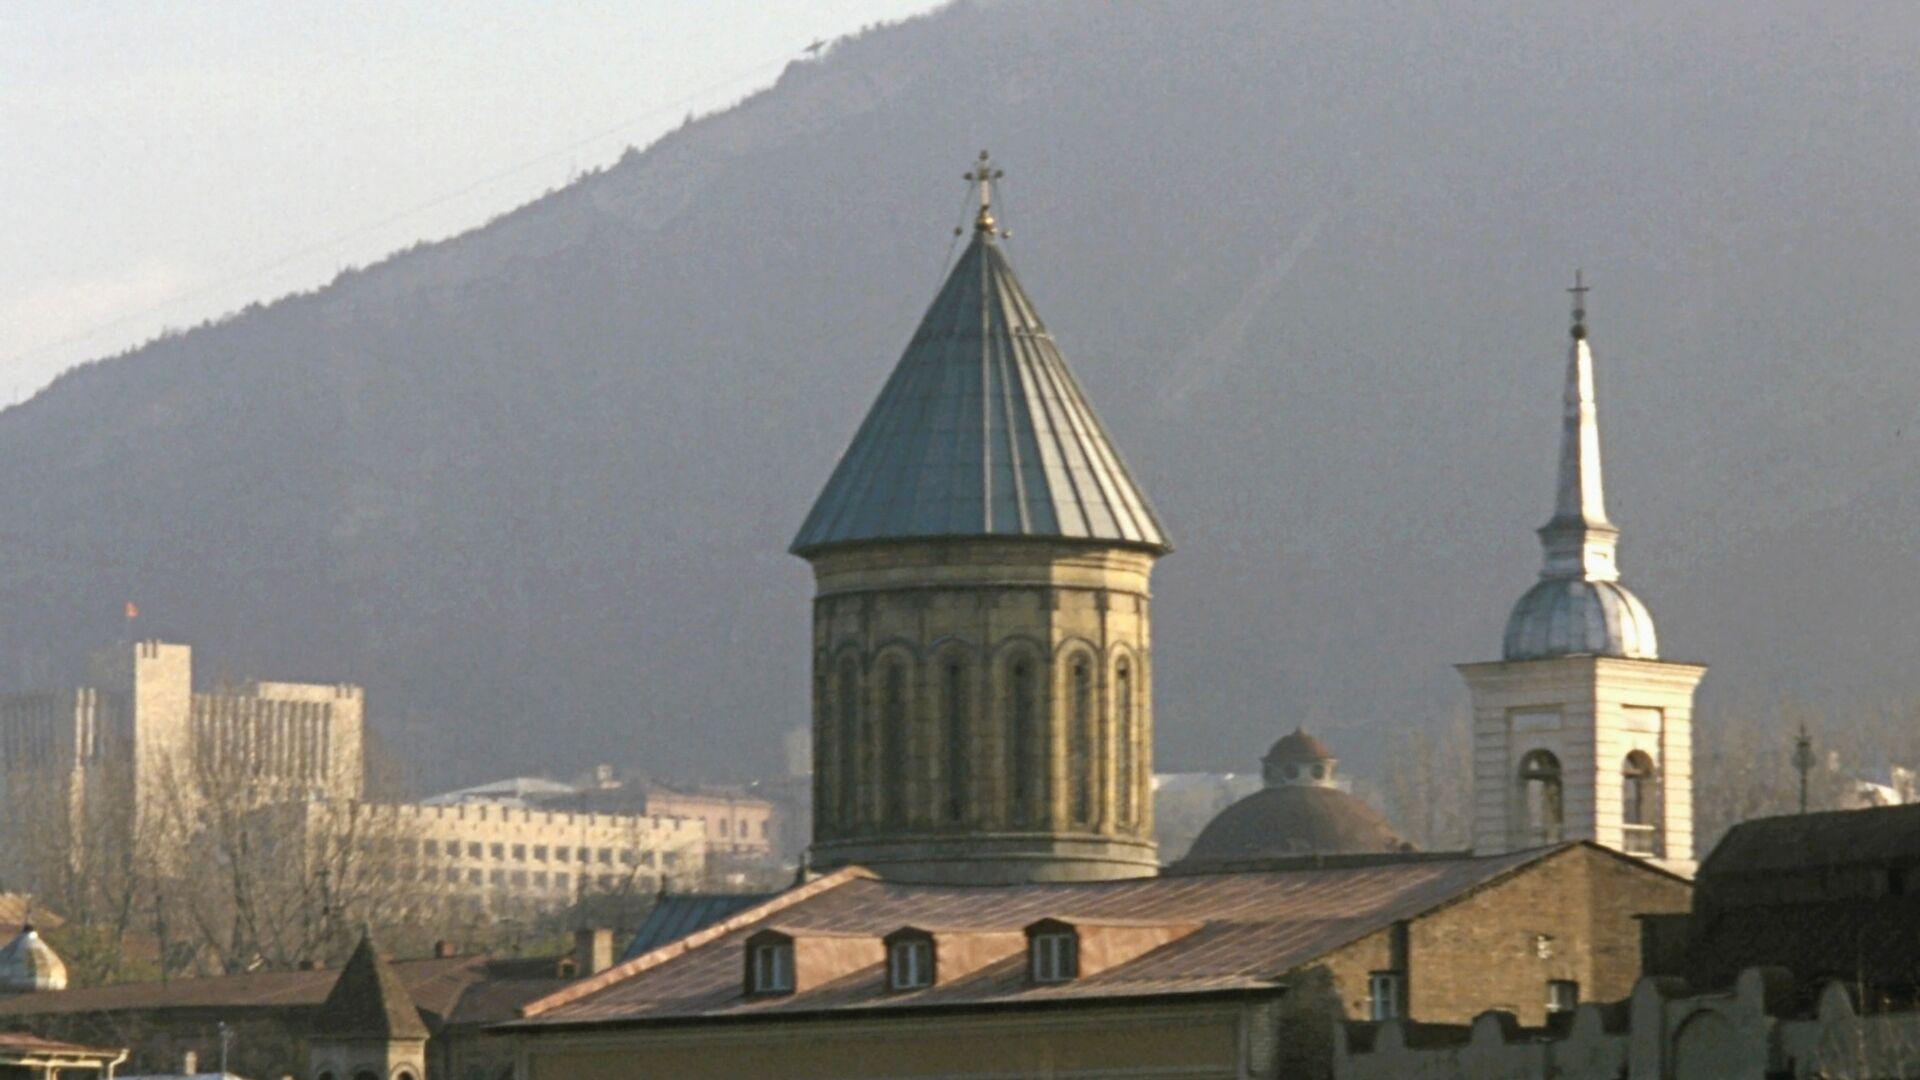 Сионский собор в Тбилиси - РИА Новости, 1920, 23.02.2021